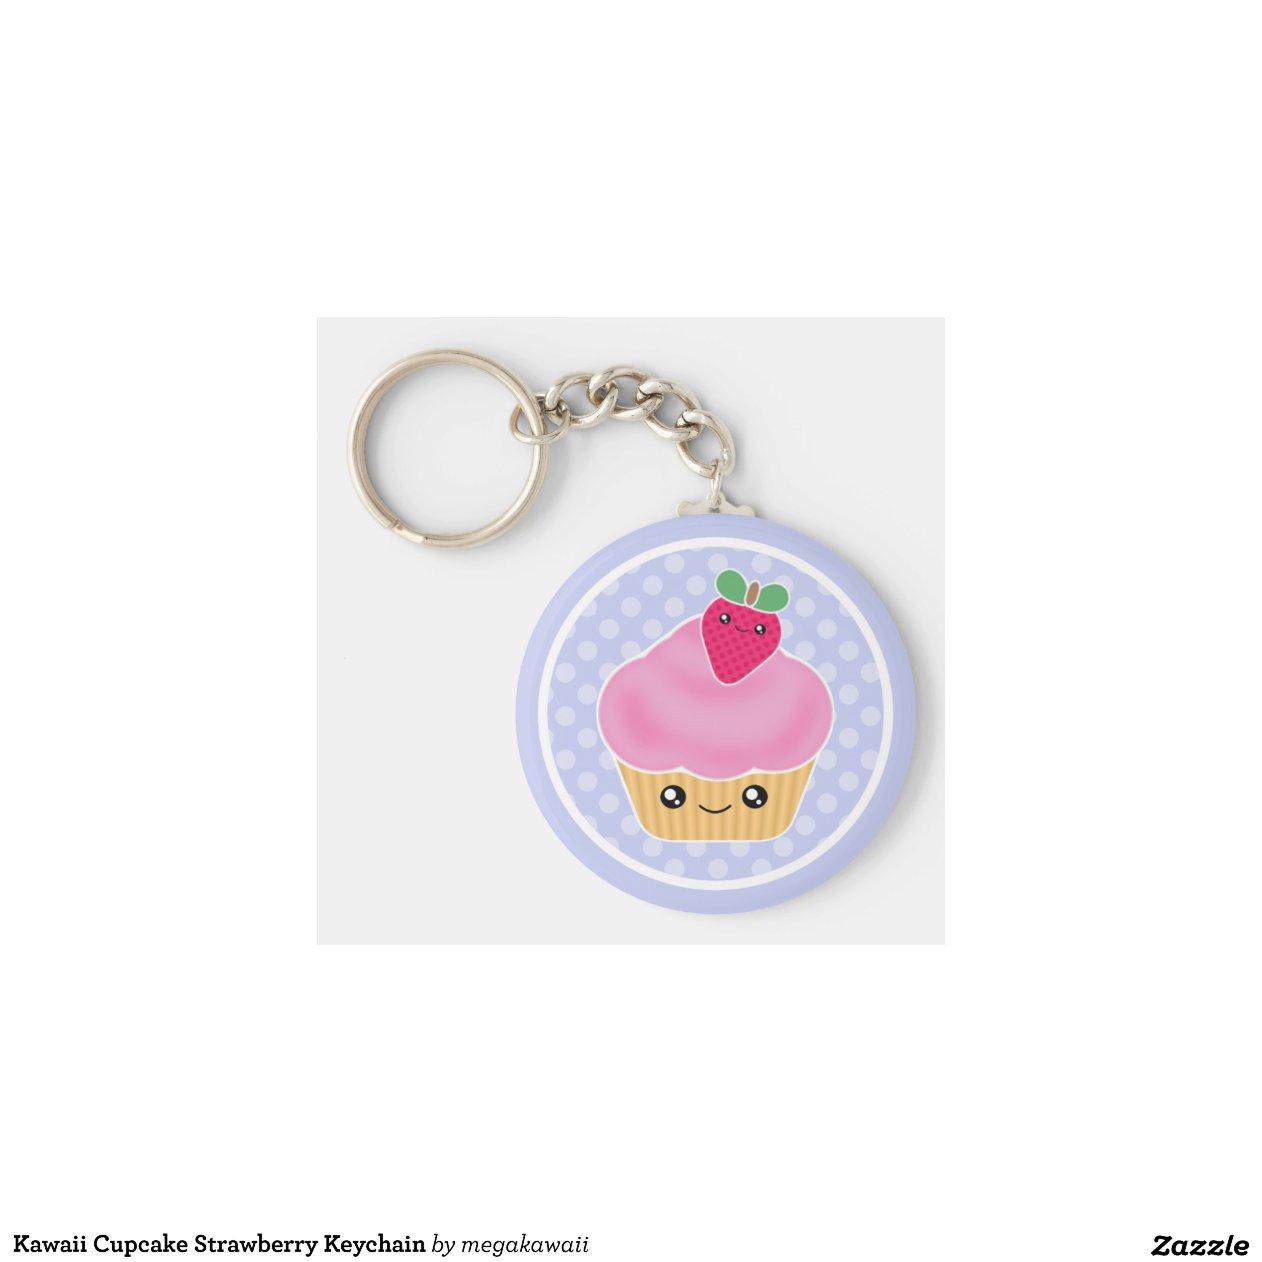 Kawaii Amigurumi Cupcake Keychain : Kawaii Cupcake Strawberry Keychain Zazzle